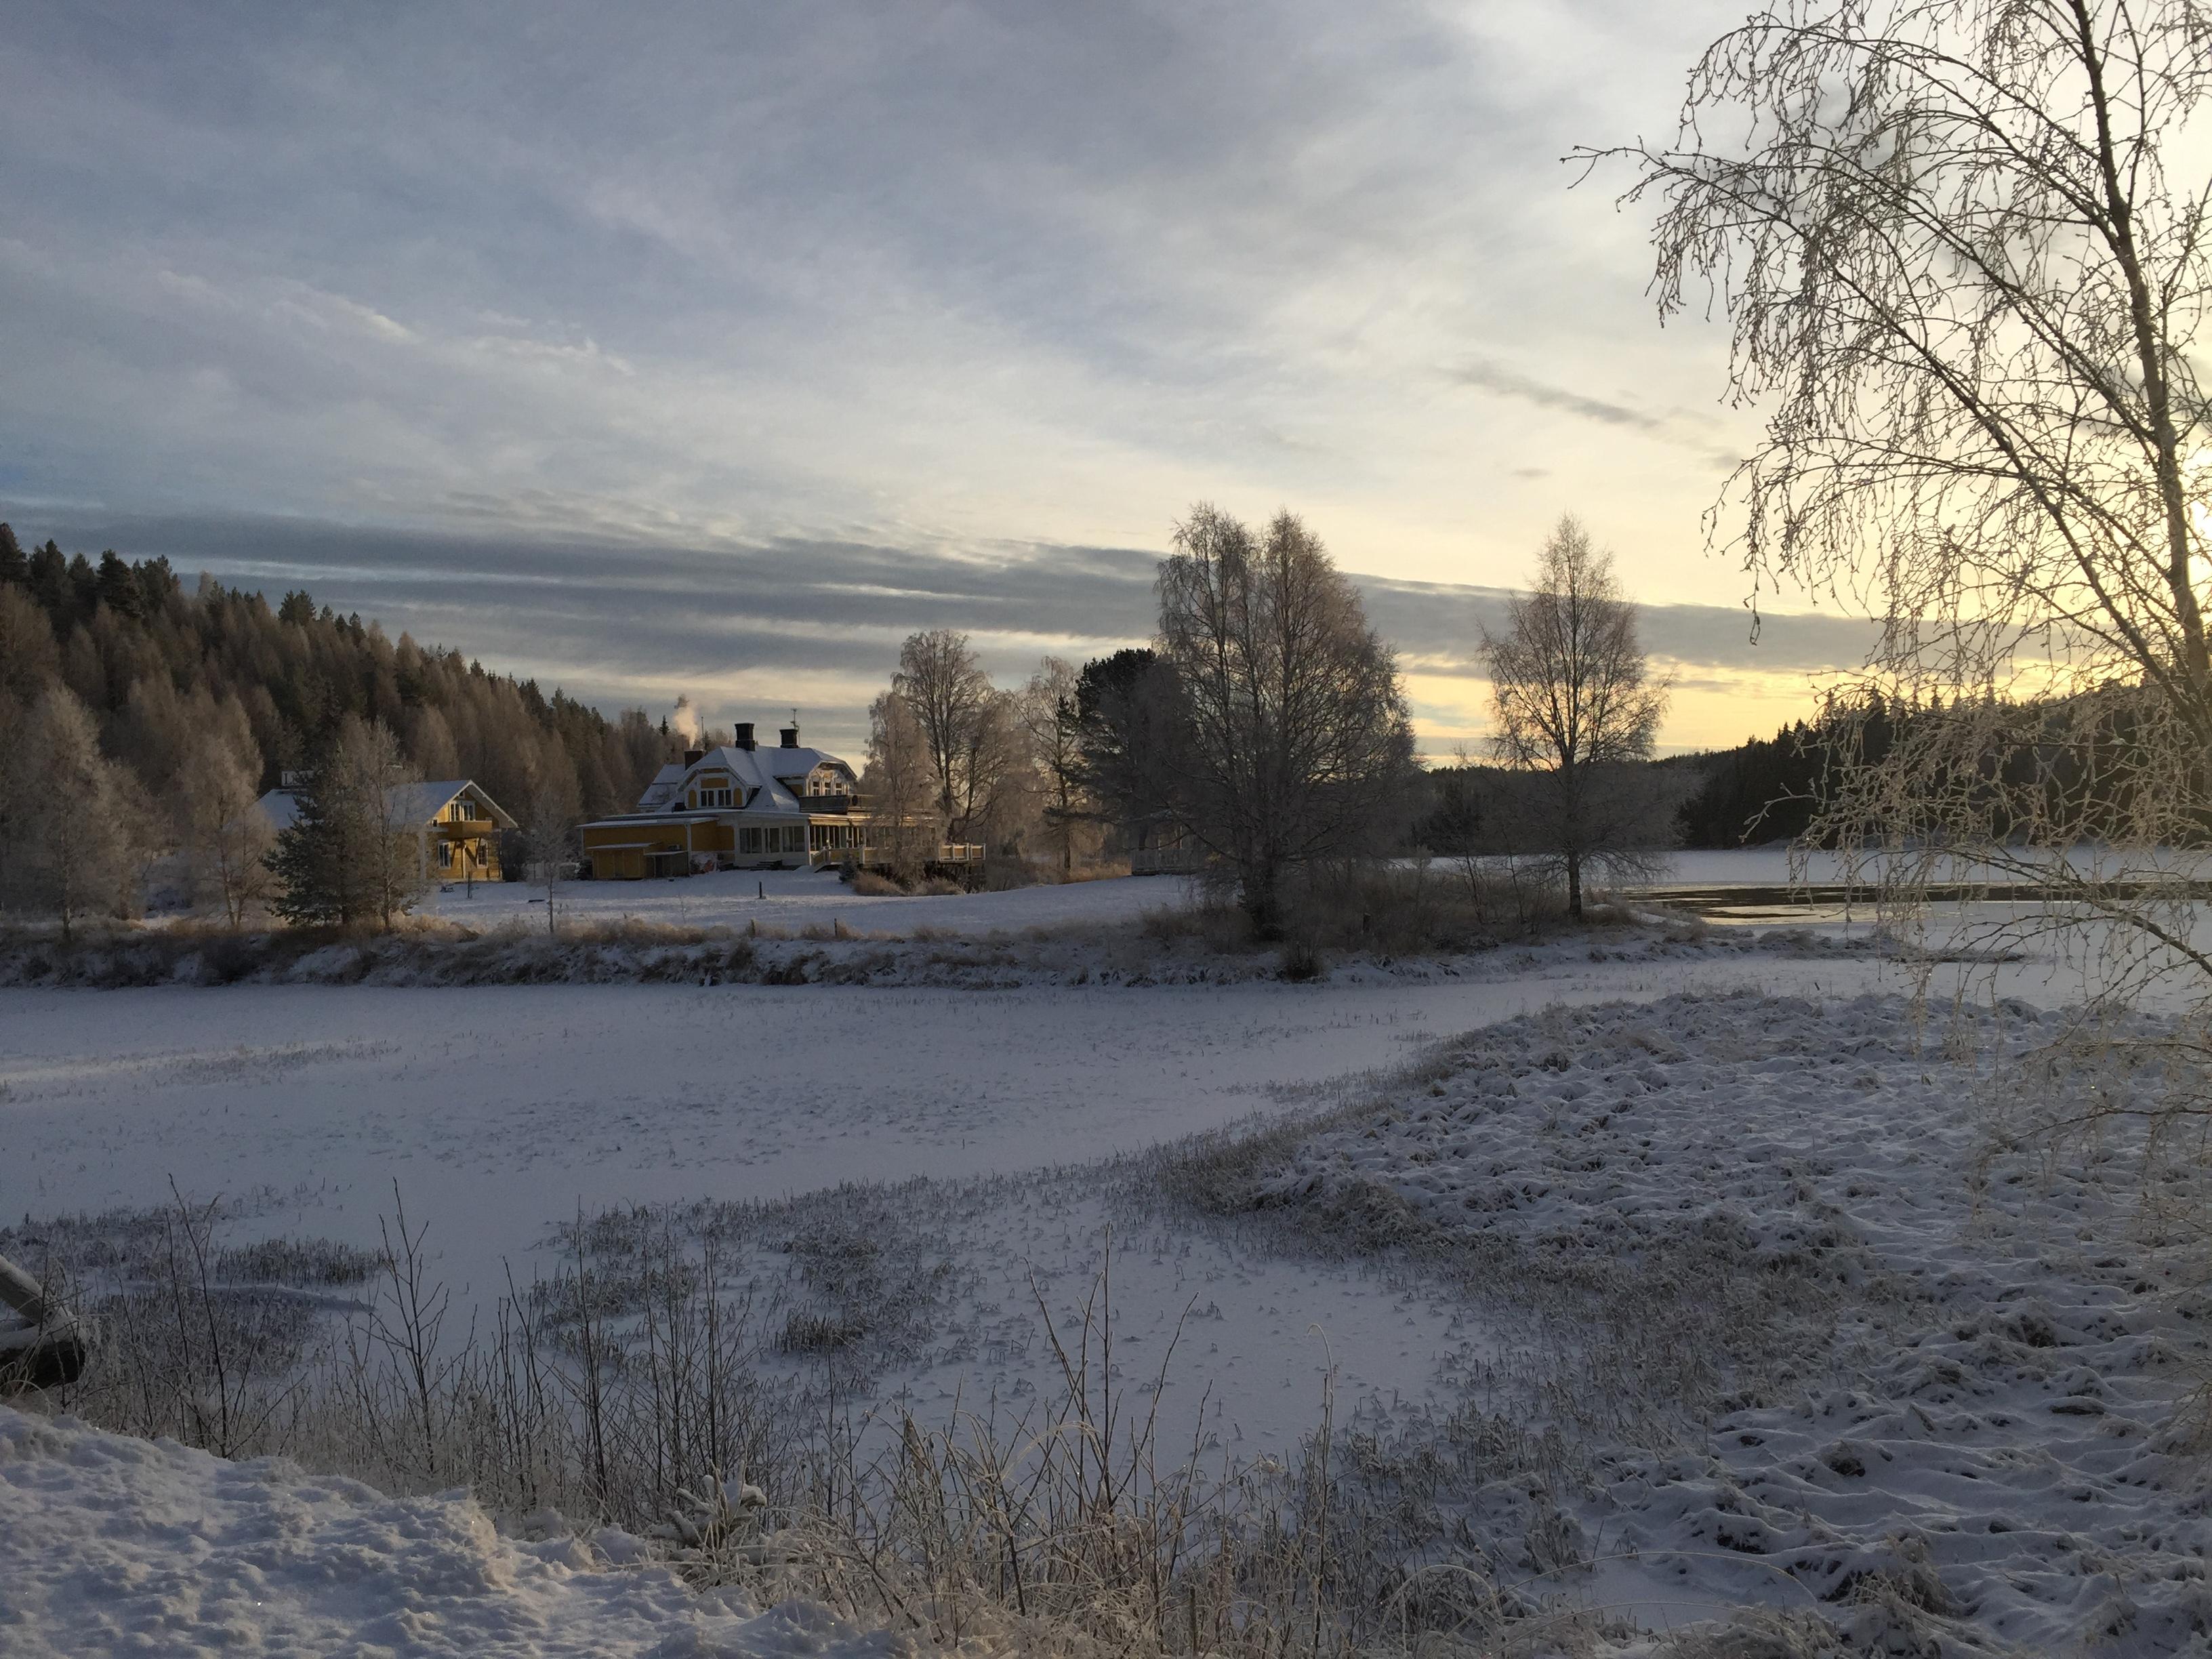 06 Hotel riverside winter